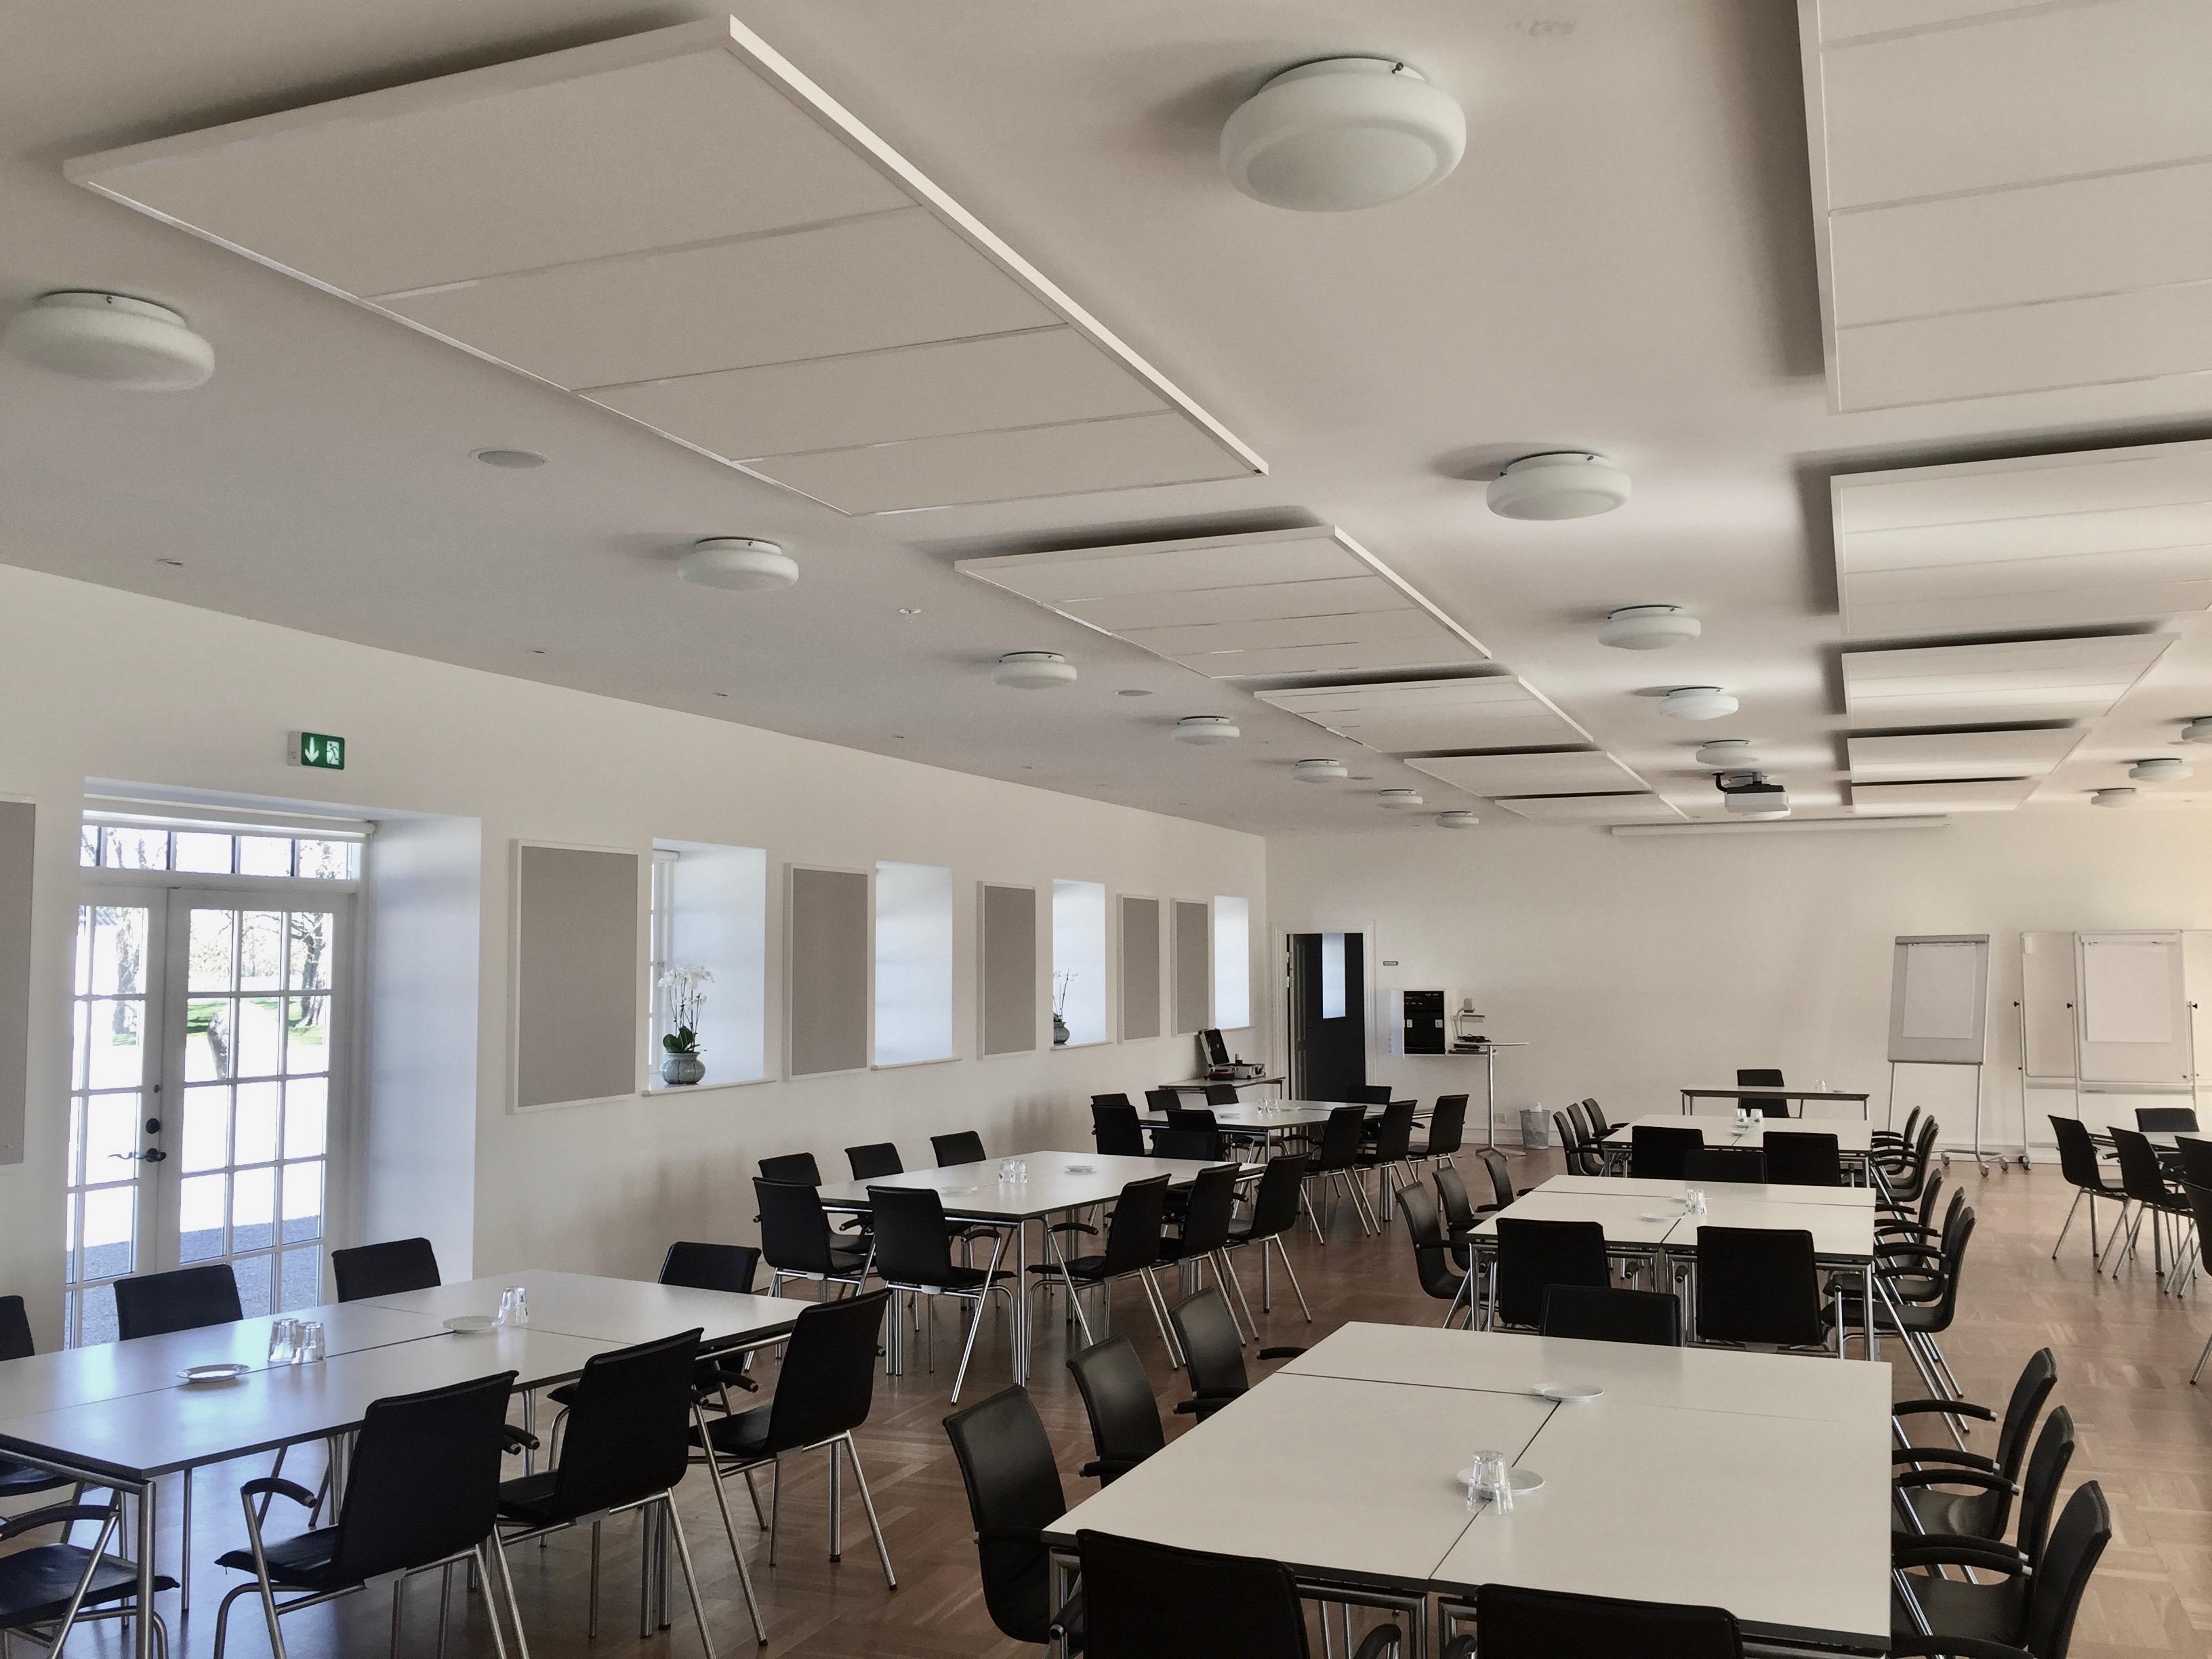 DecoDemp Akustik og støjdæmpning som loft. loft akustik i konference rum